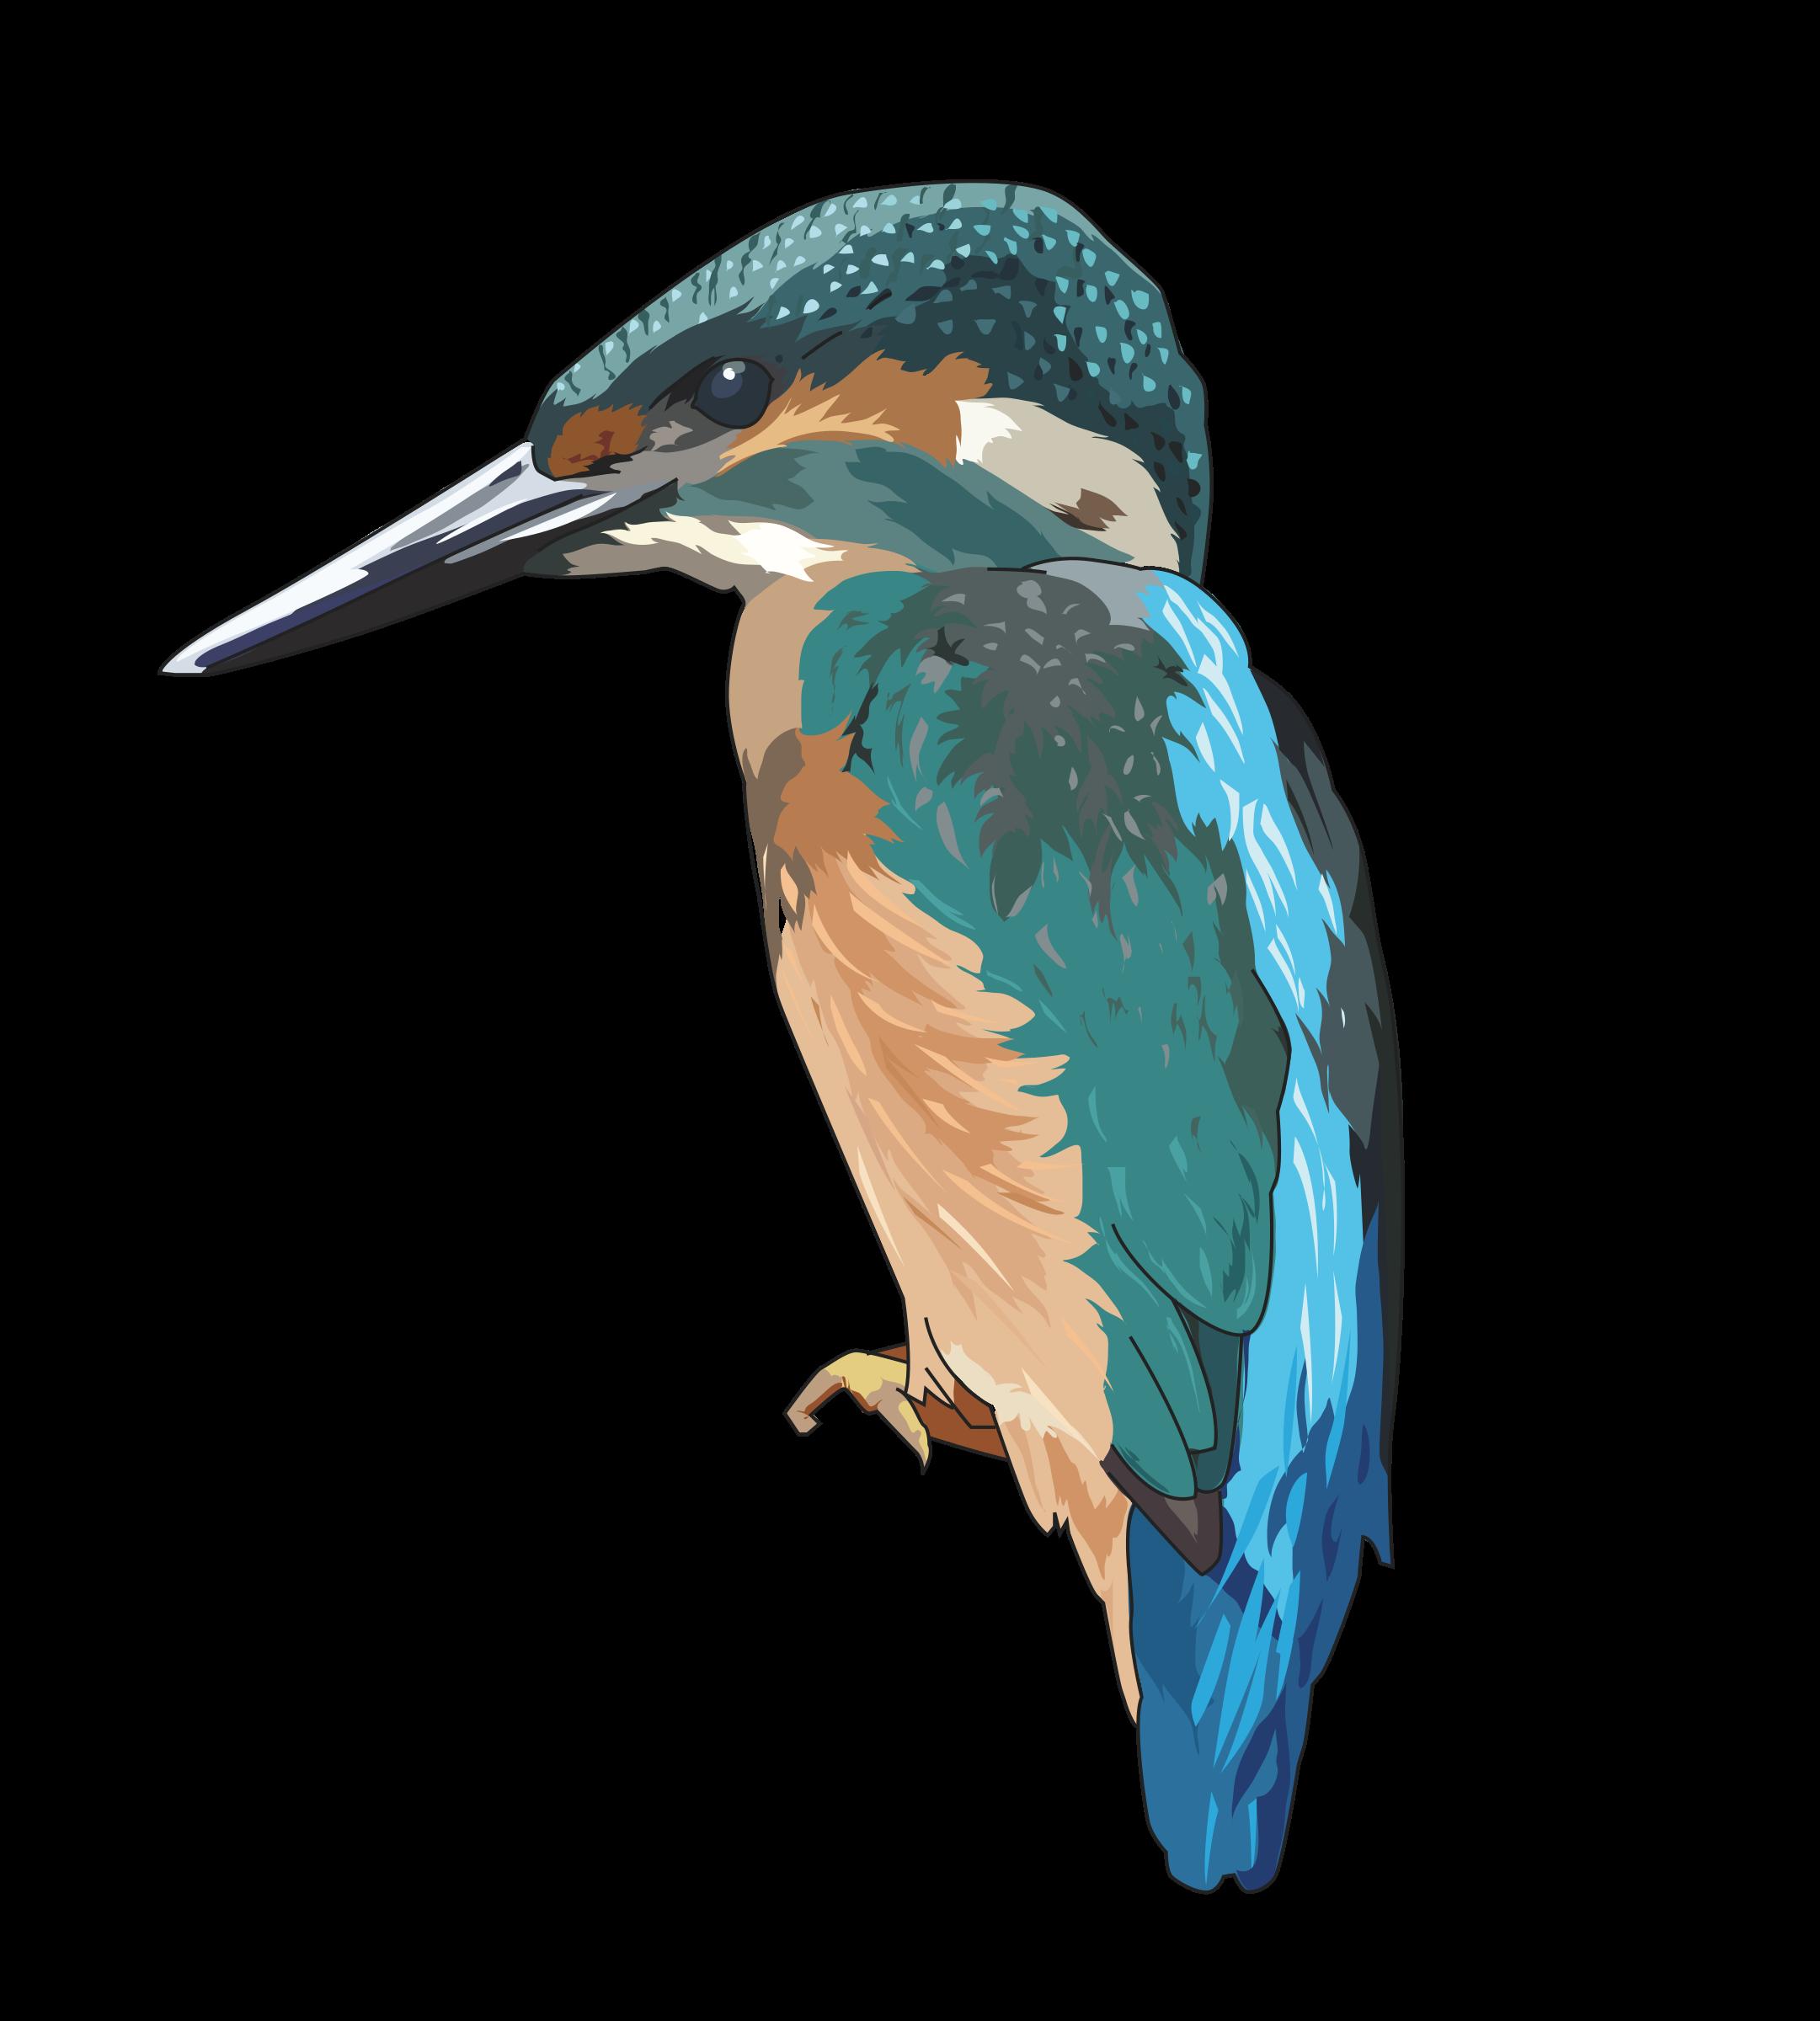 PNG Kingfisher Bird Transparent Kingfisher Bird.PNG Images ...